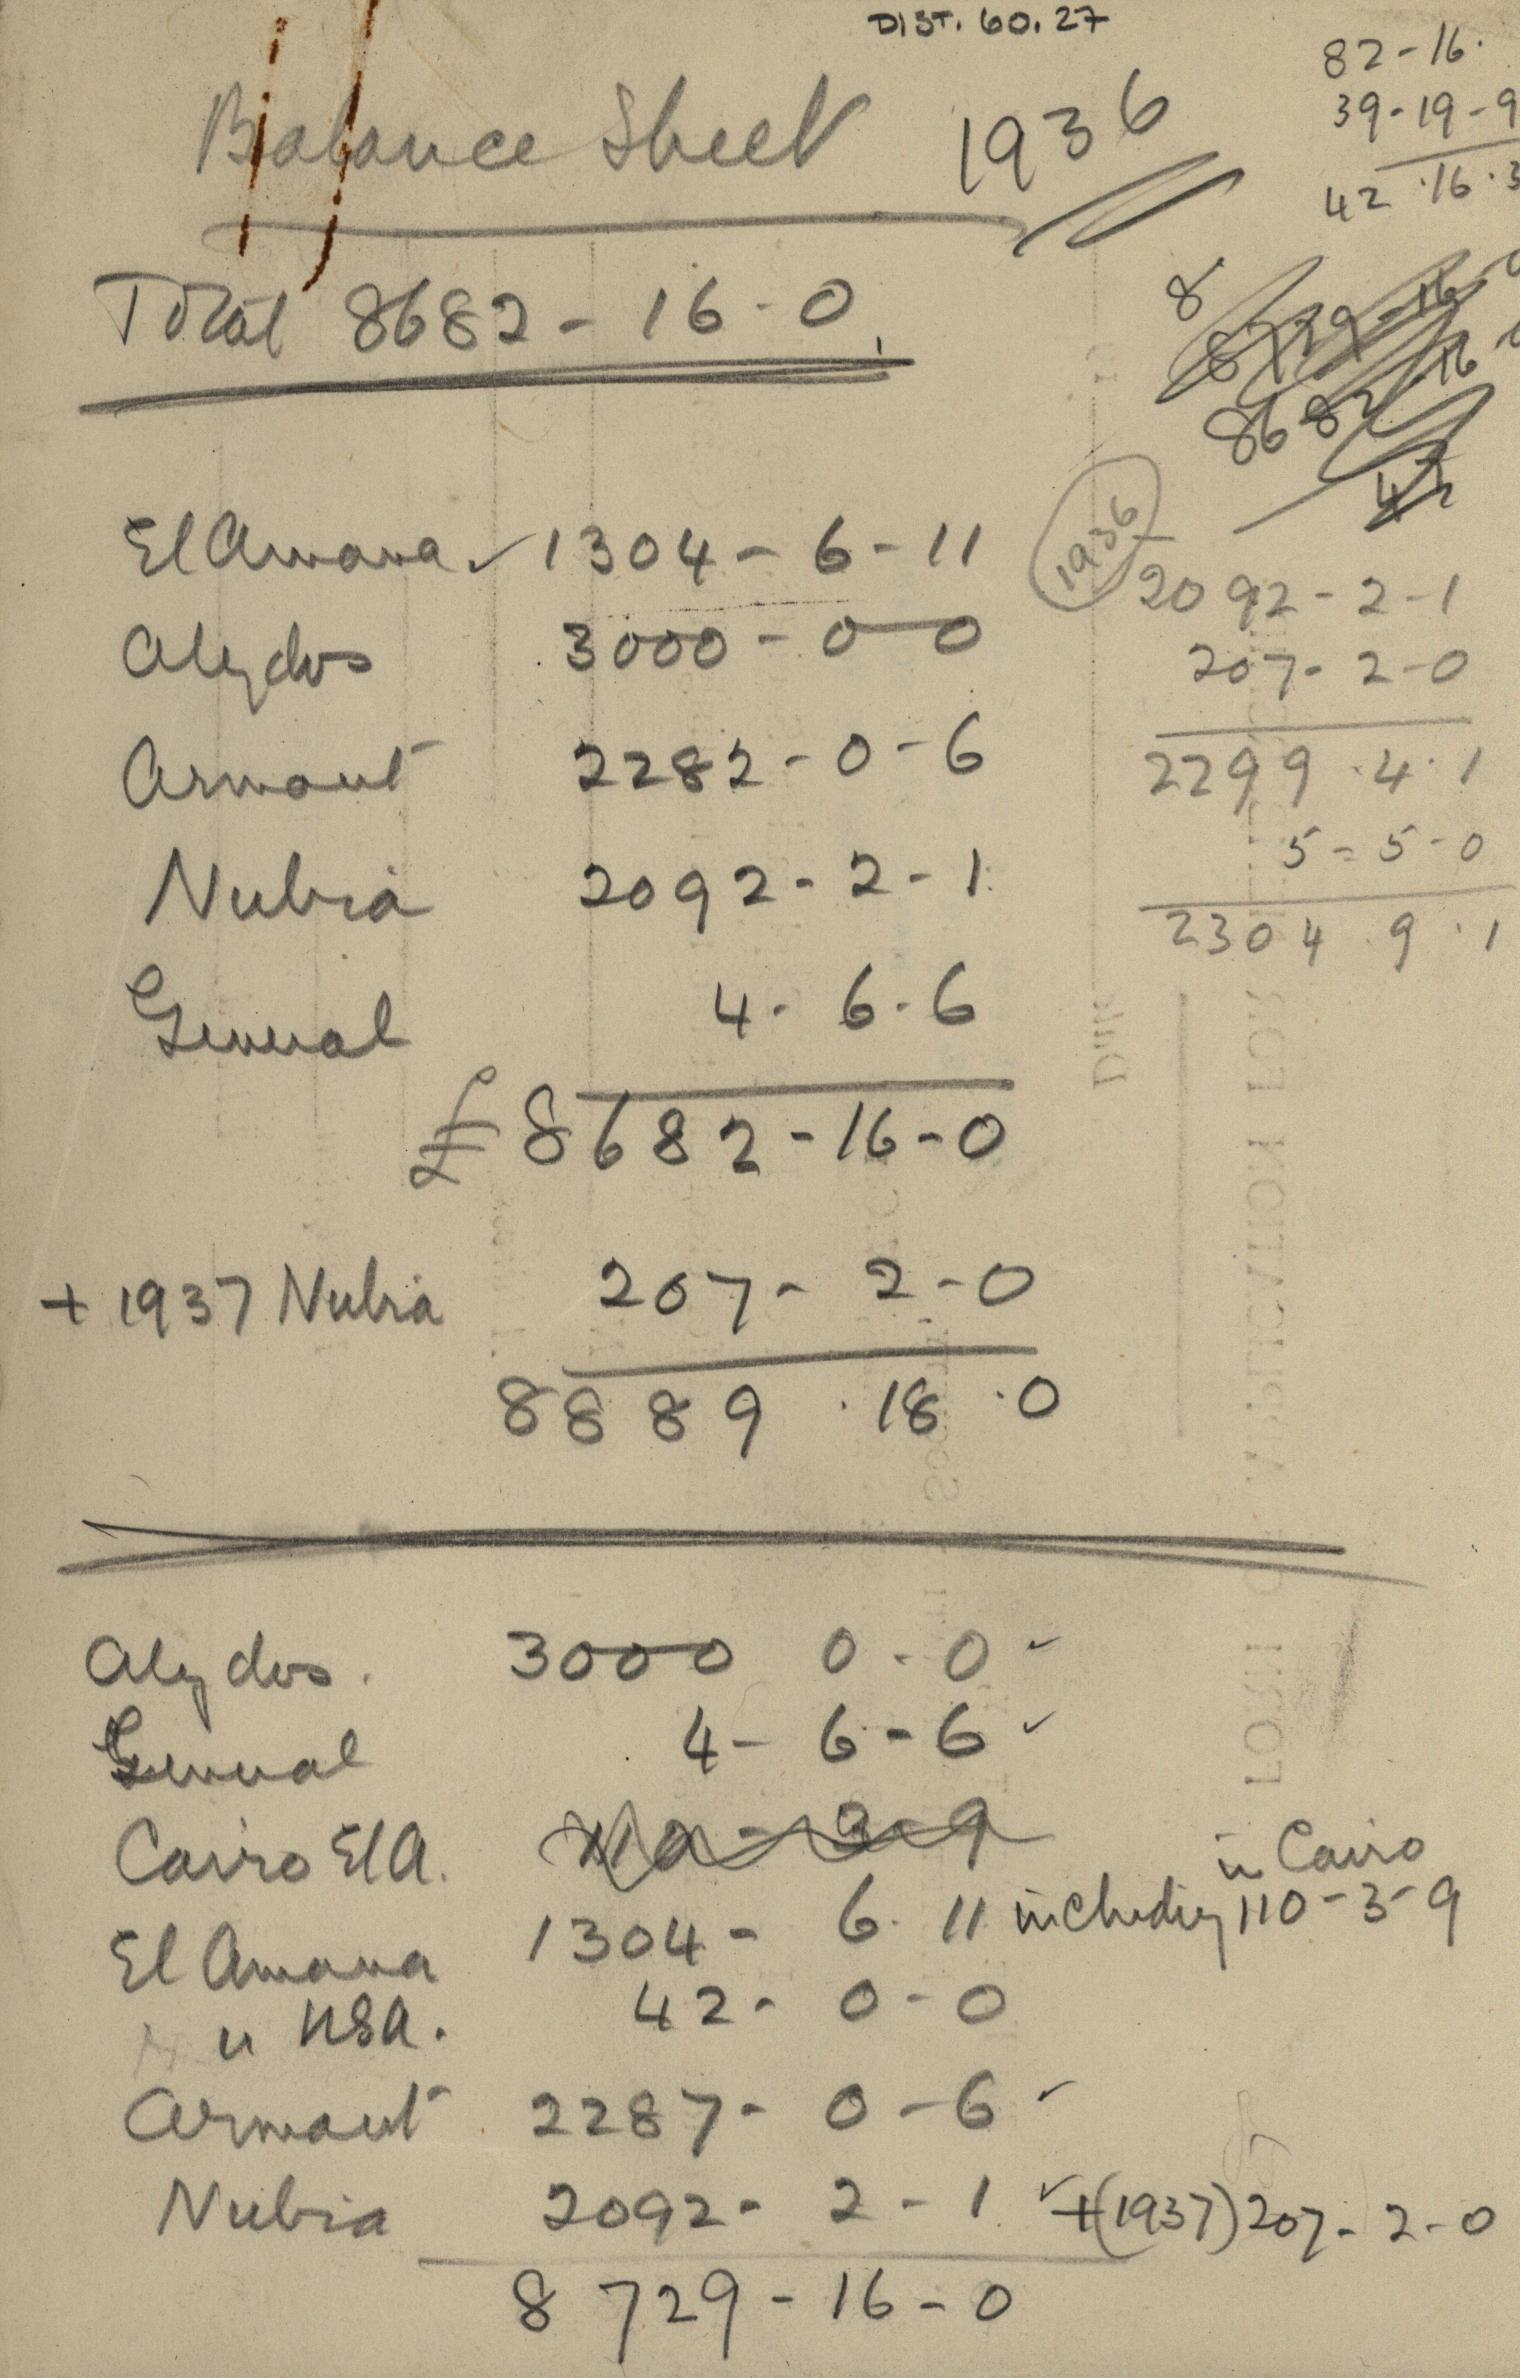 1935-37 el-Amarna DIST.60.27a